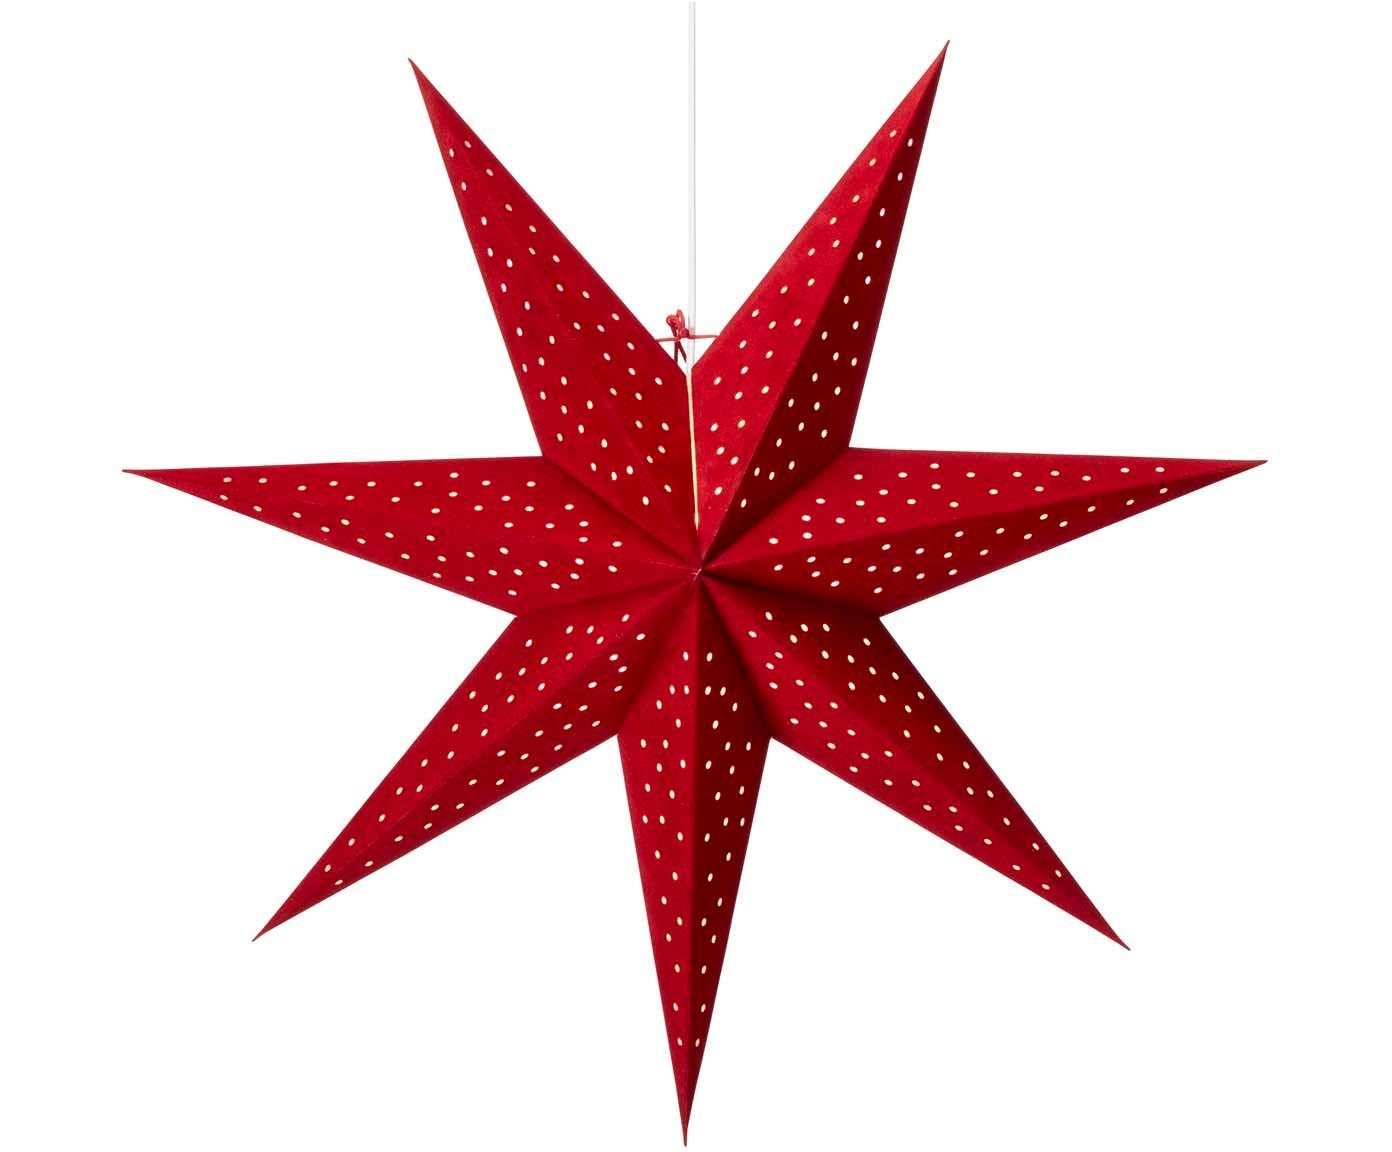 Fluwelen kerstster Clara, Rood, Ø 75 cm